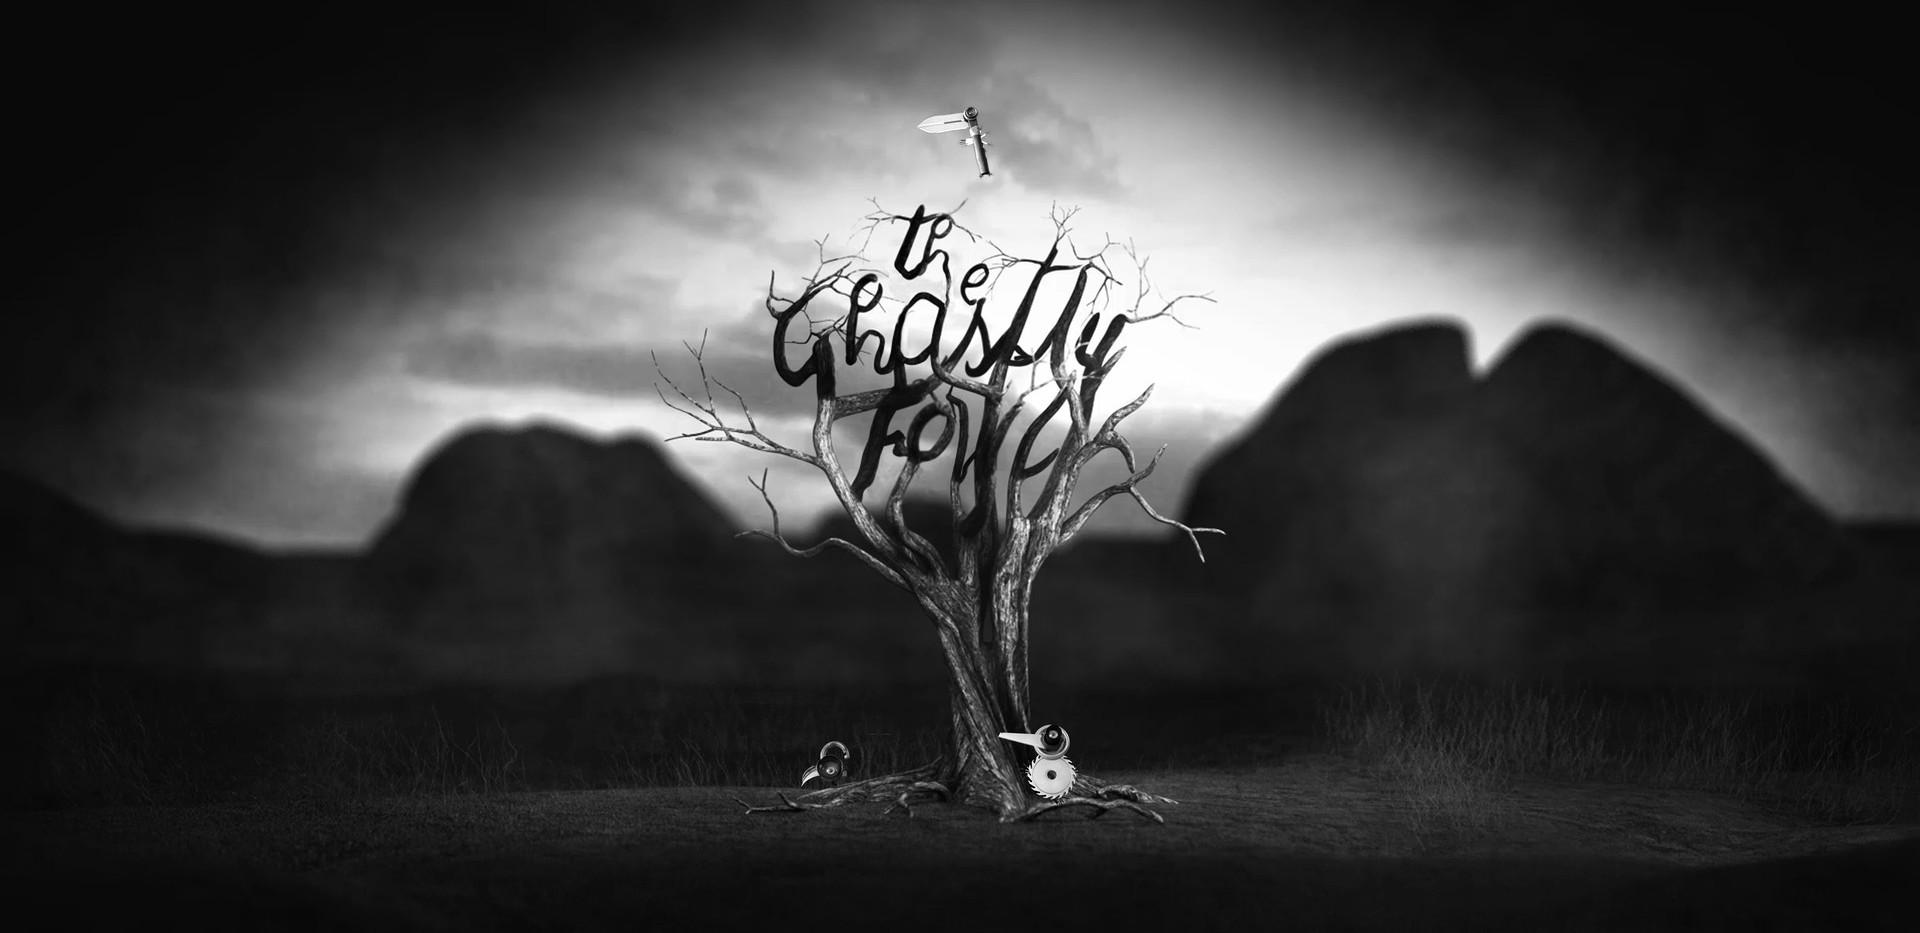 the ghastly fowl 6.jpg